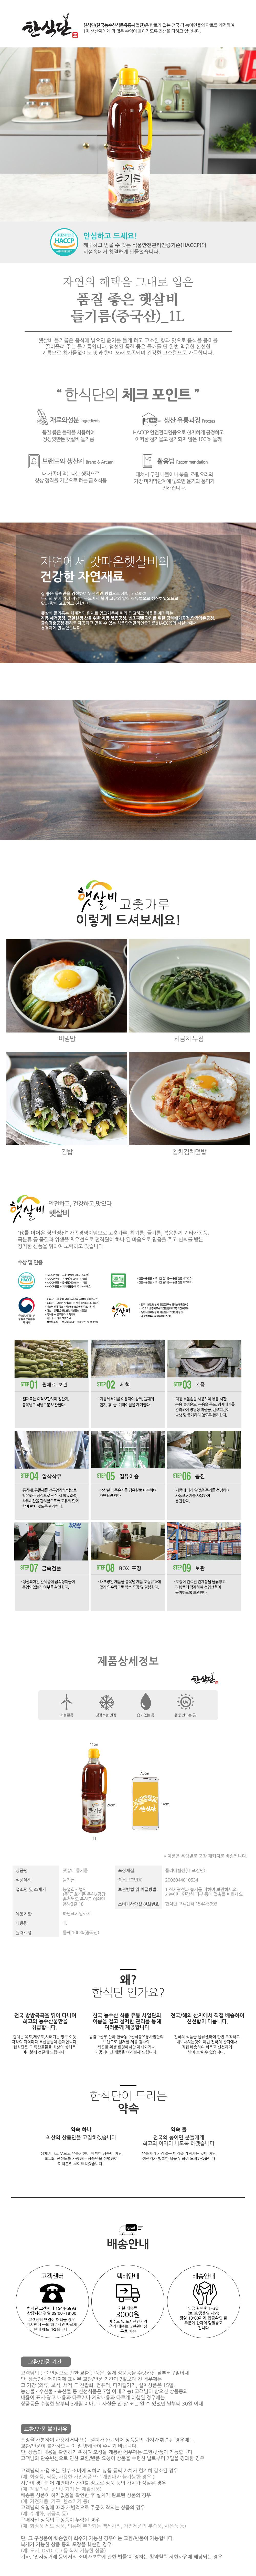 햇살비 들기름 1리터 중국산 통깨 100% - 태정글로벌, 21,700원, 오일, 참기름/들기름